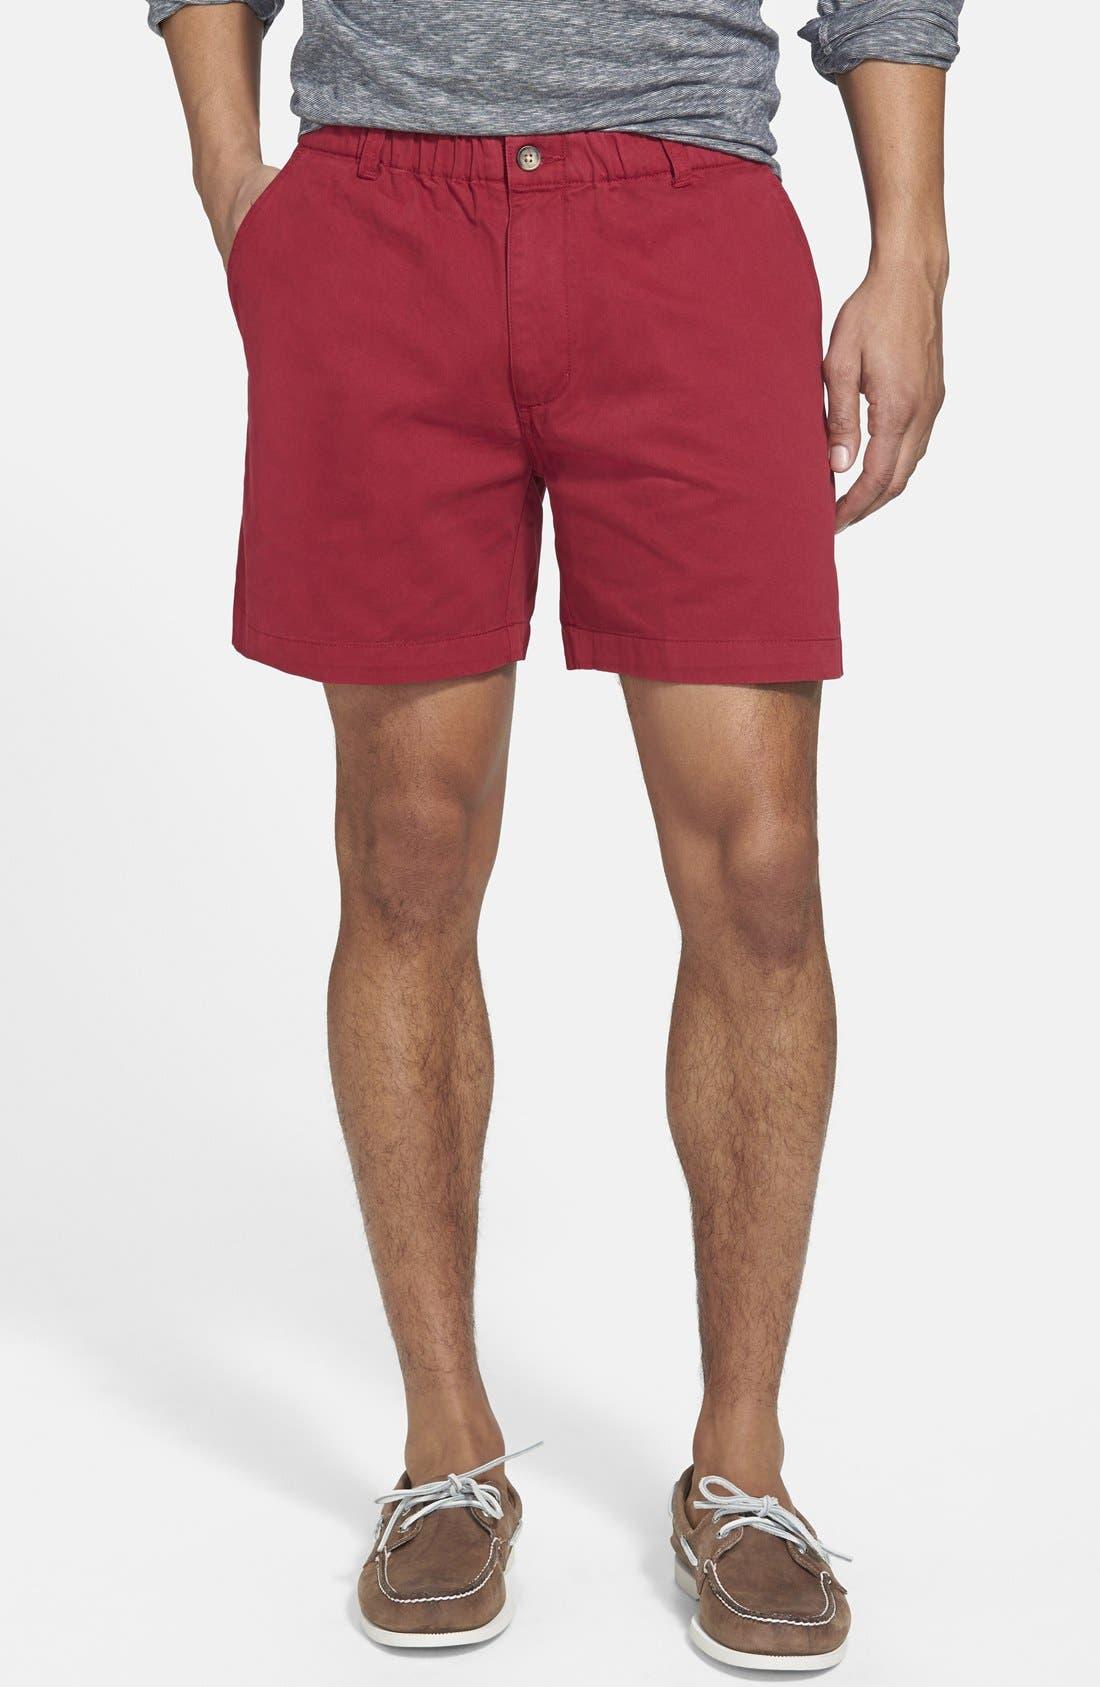 Vintage 1946 'Snappers' Vintage Wash Shorts